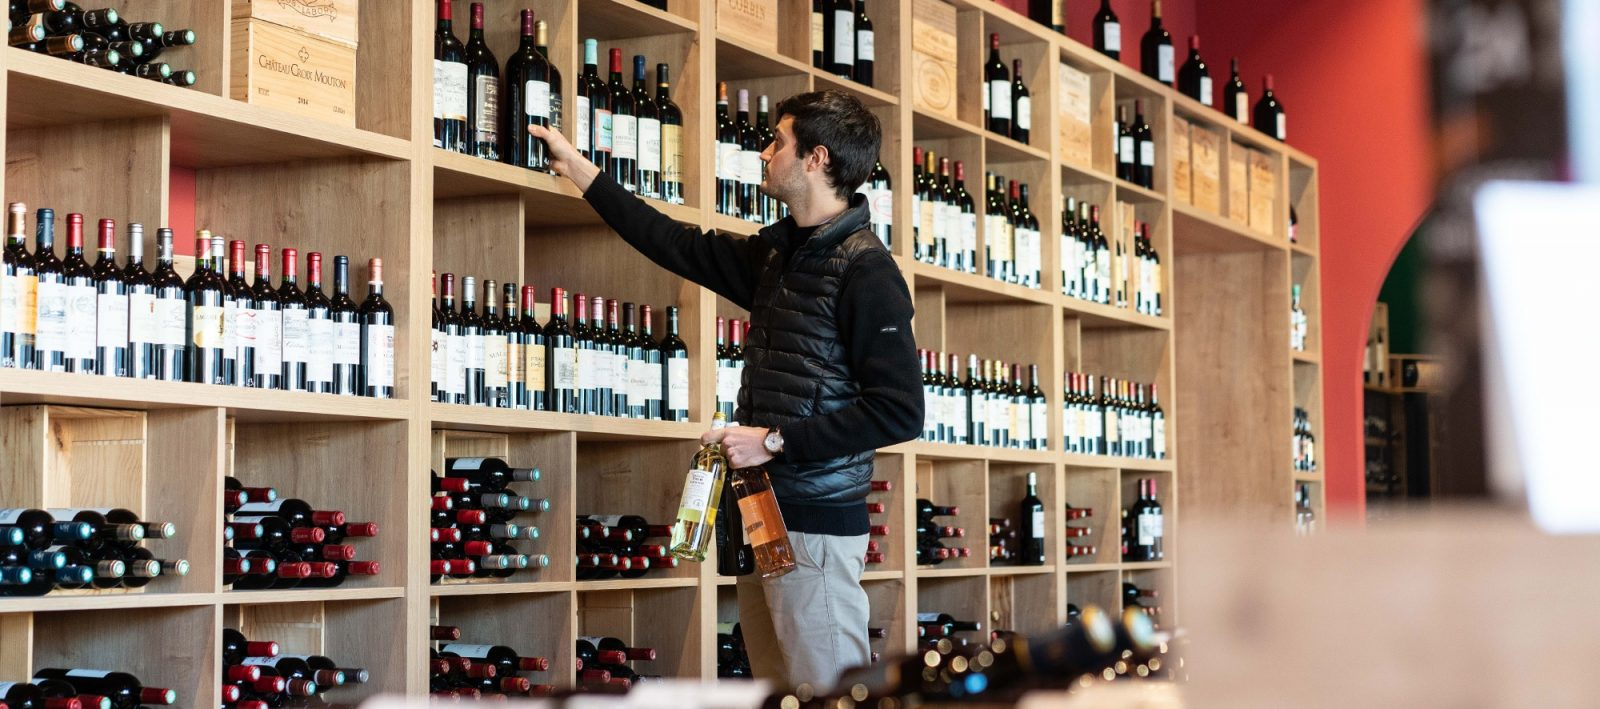 Le label viticole pèse parfois dans la balance lorsque vous devez choisir entre plusieurs bouteilles de vin